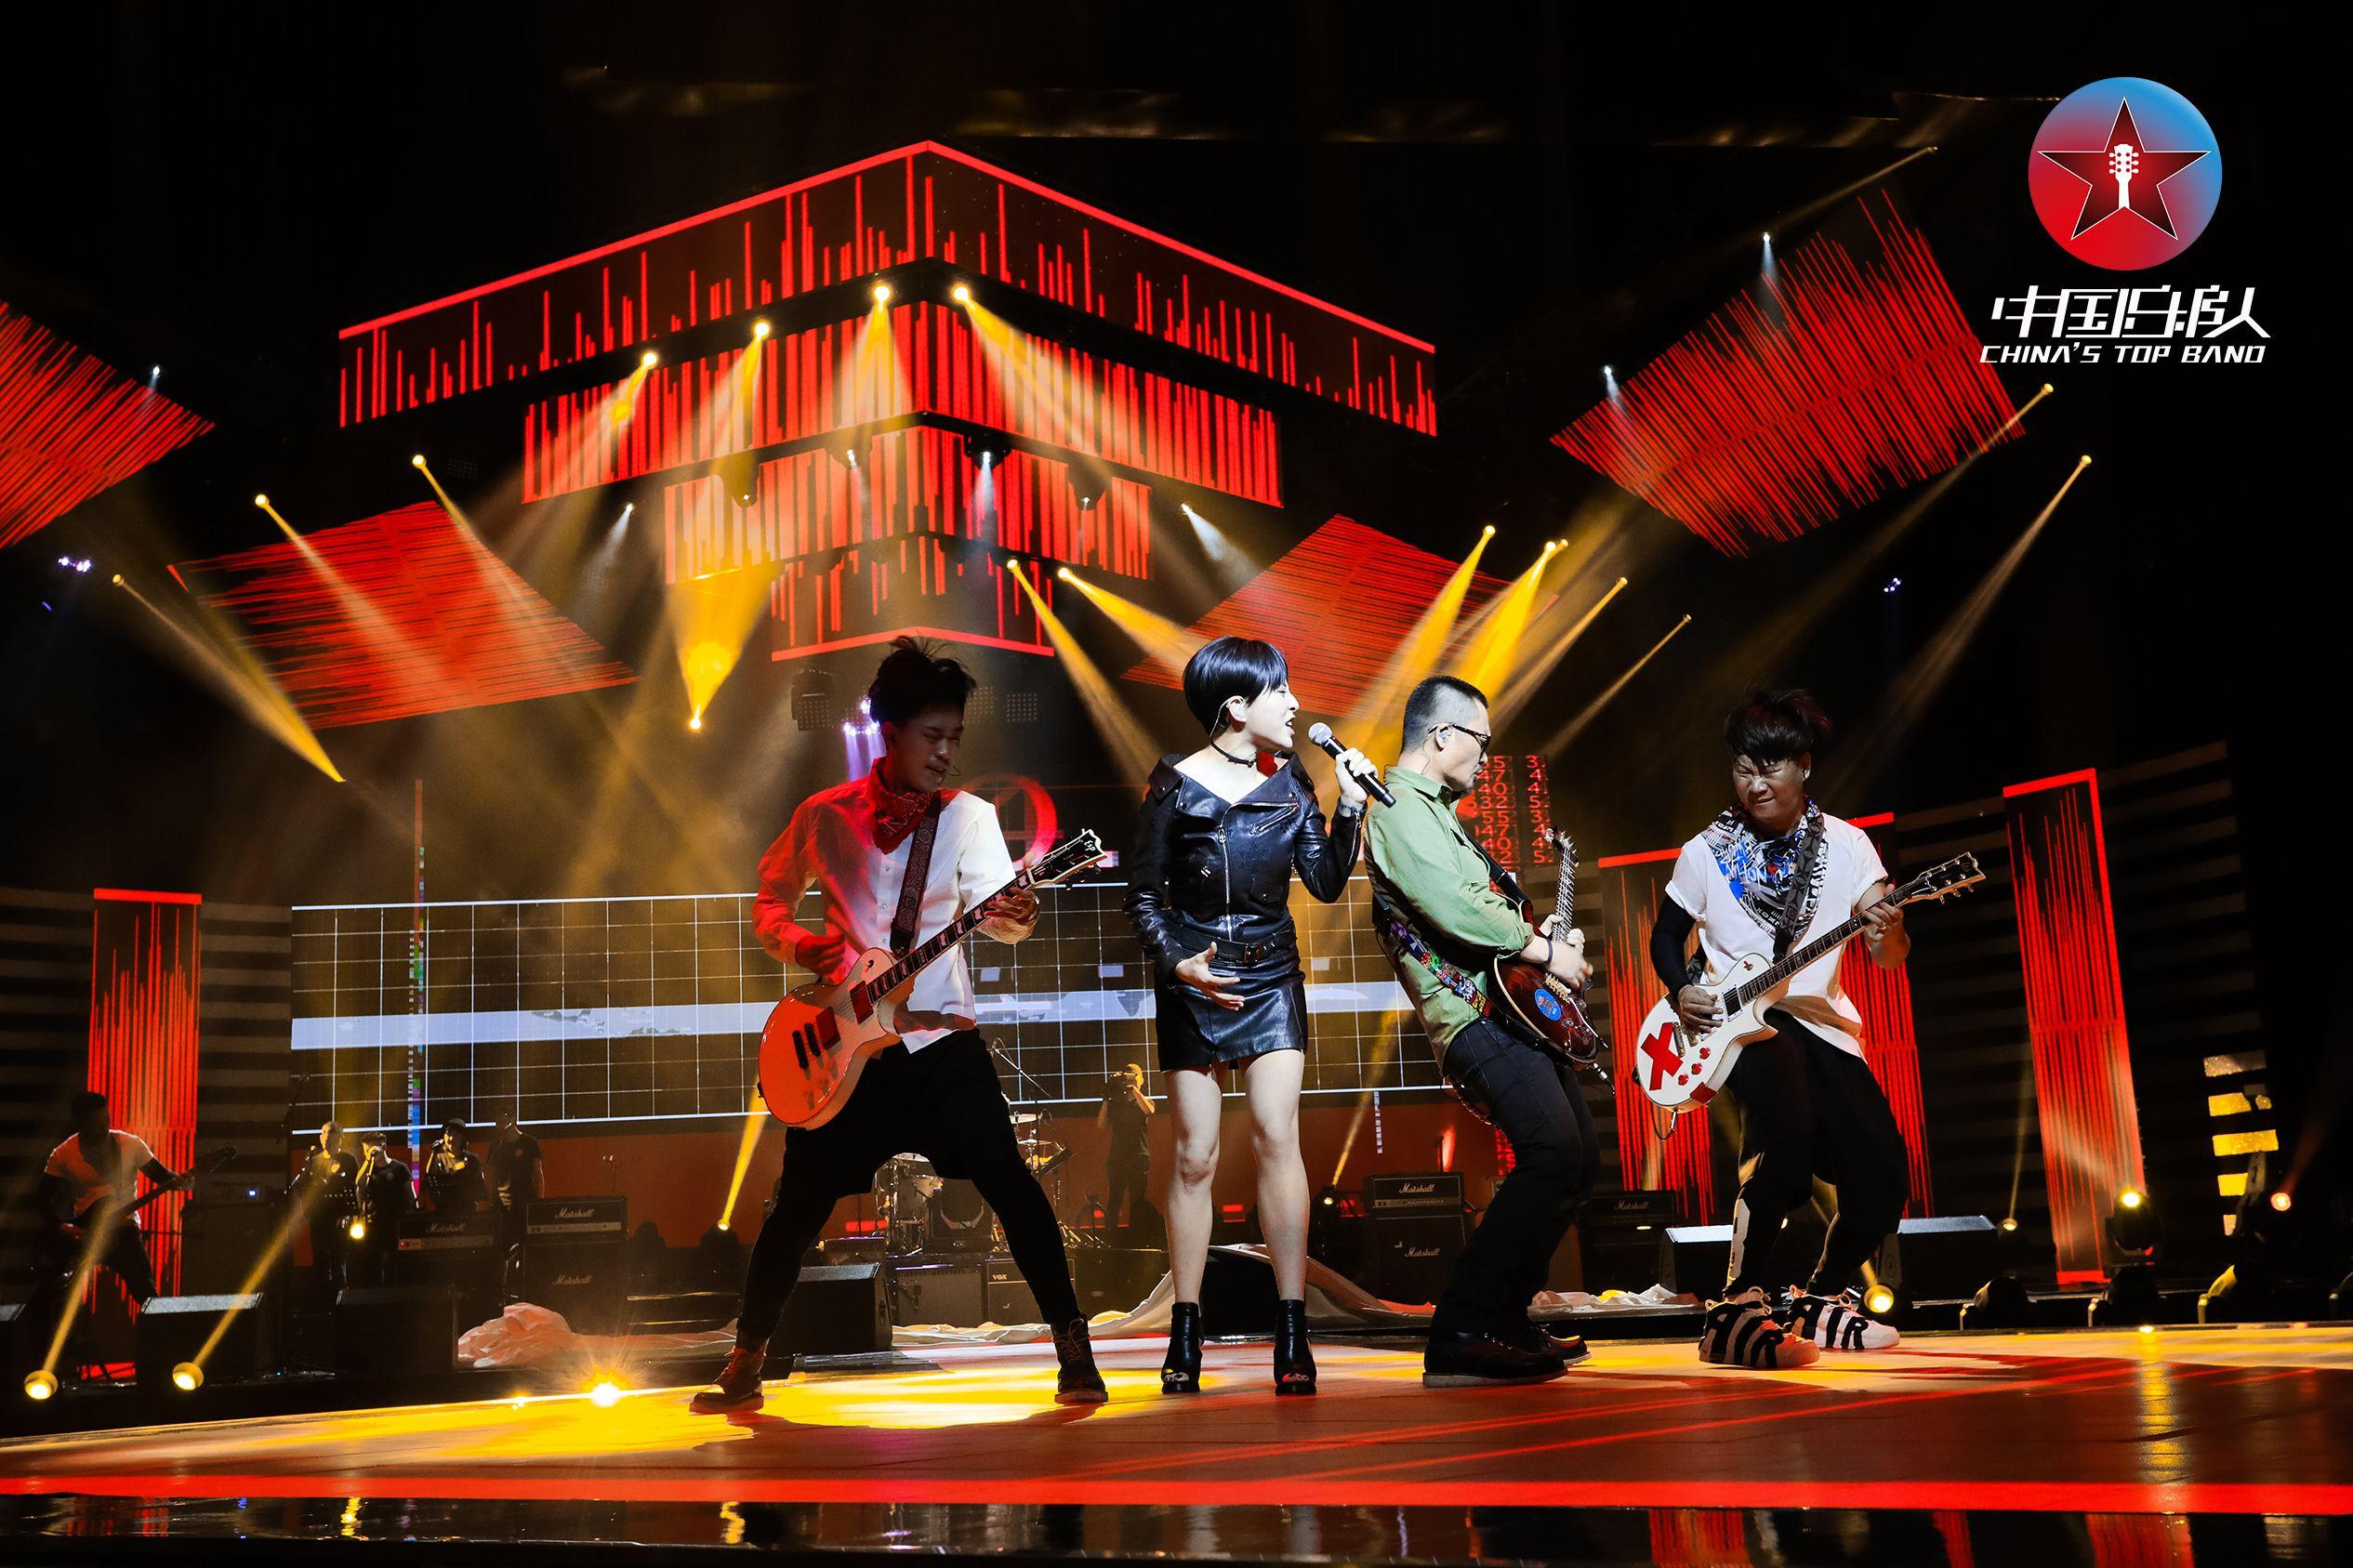 2017年11月24日综艺节目收视率钱柜娱乐777官方网站首页:中国乐队收视率排名第六